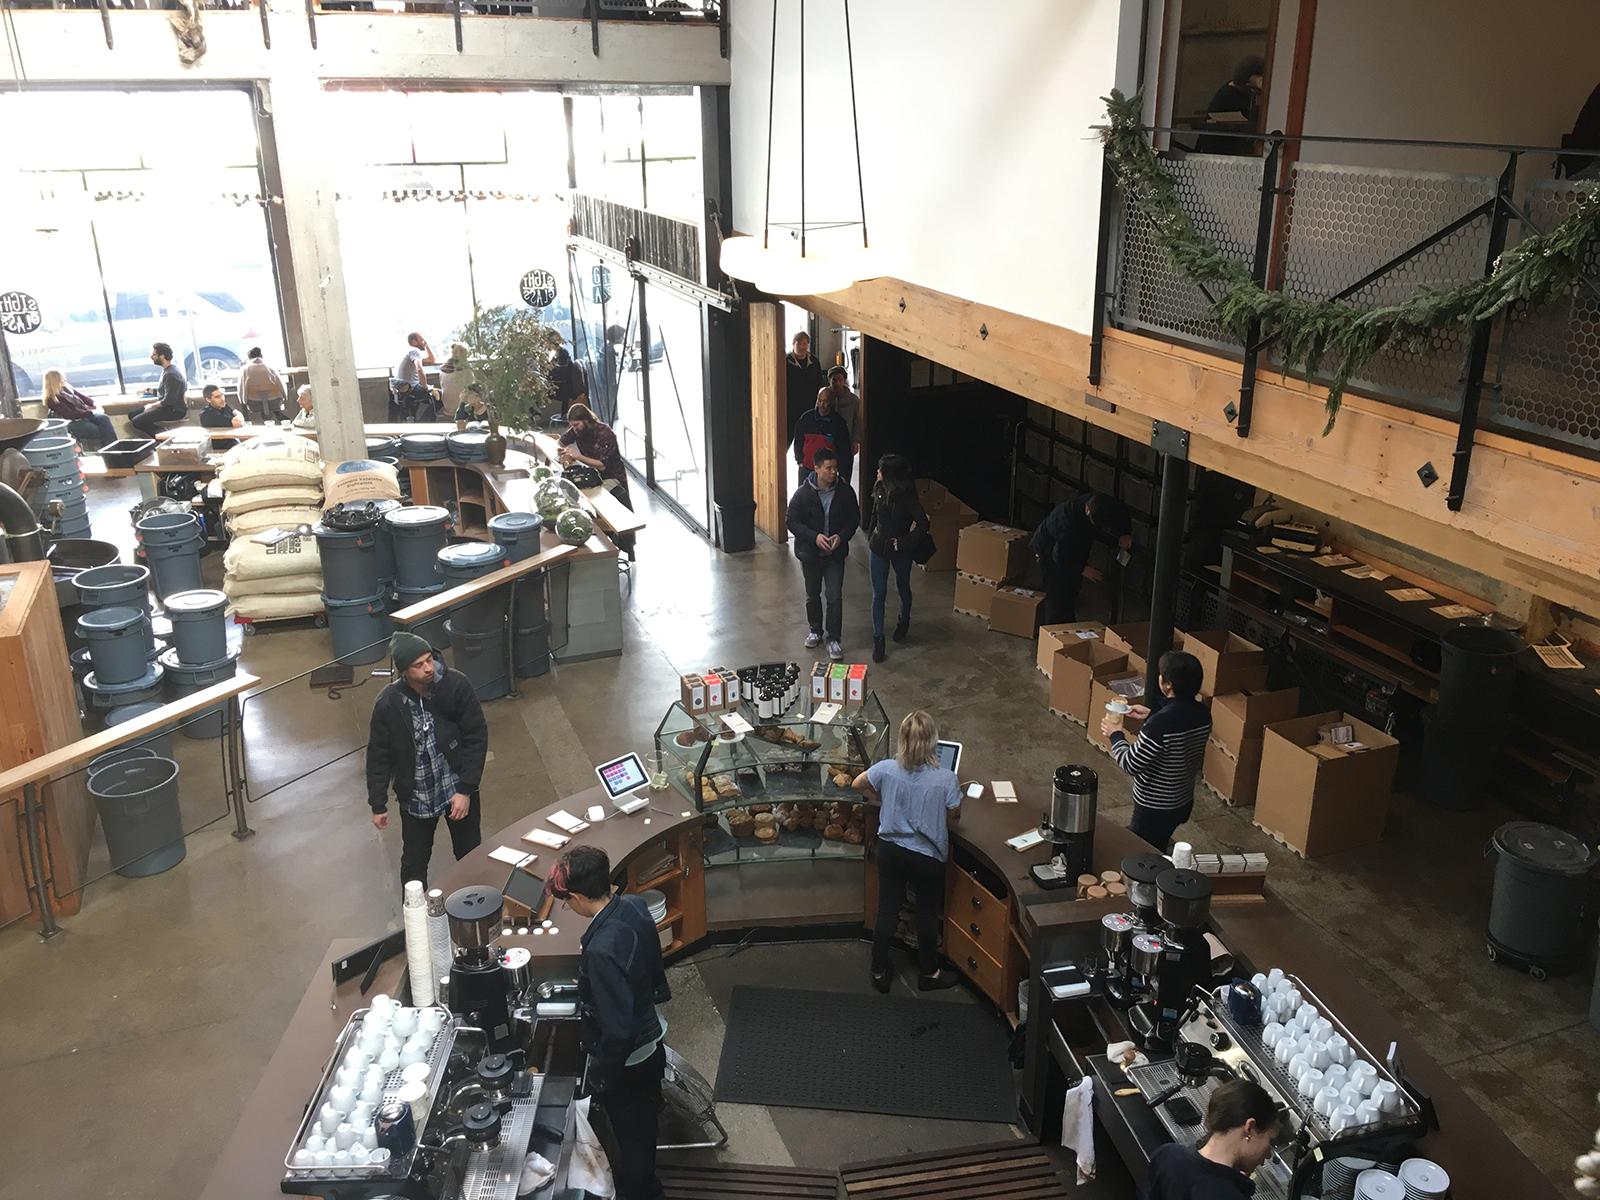 サンフランシスコの『Sightglass Coffee』の2階席は焙煎所も、コーヒーを淹れるところも見れて、いるだけでワクワク。コーヒーもますますおいしく感じます。